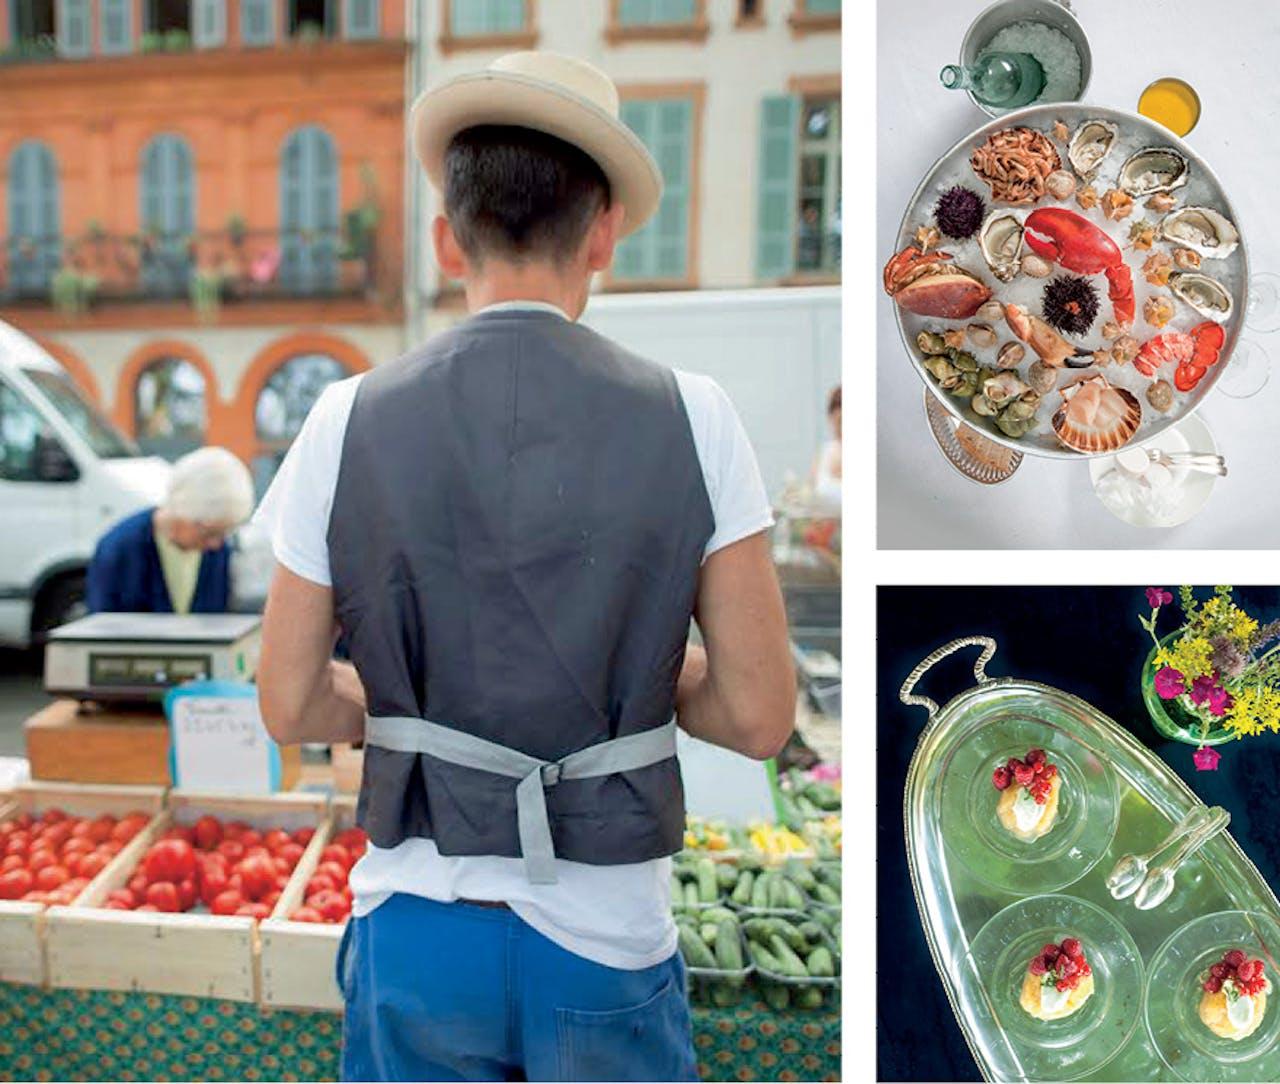 Rechts: producten uitzoeken op de markt. Uiterst rechts en onder: plateau met fruits de mer en appelcompote, uit het boek 'Nature's Larder'.